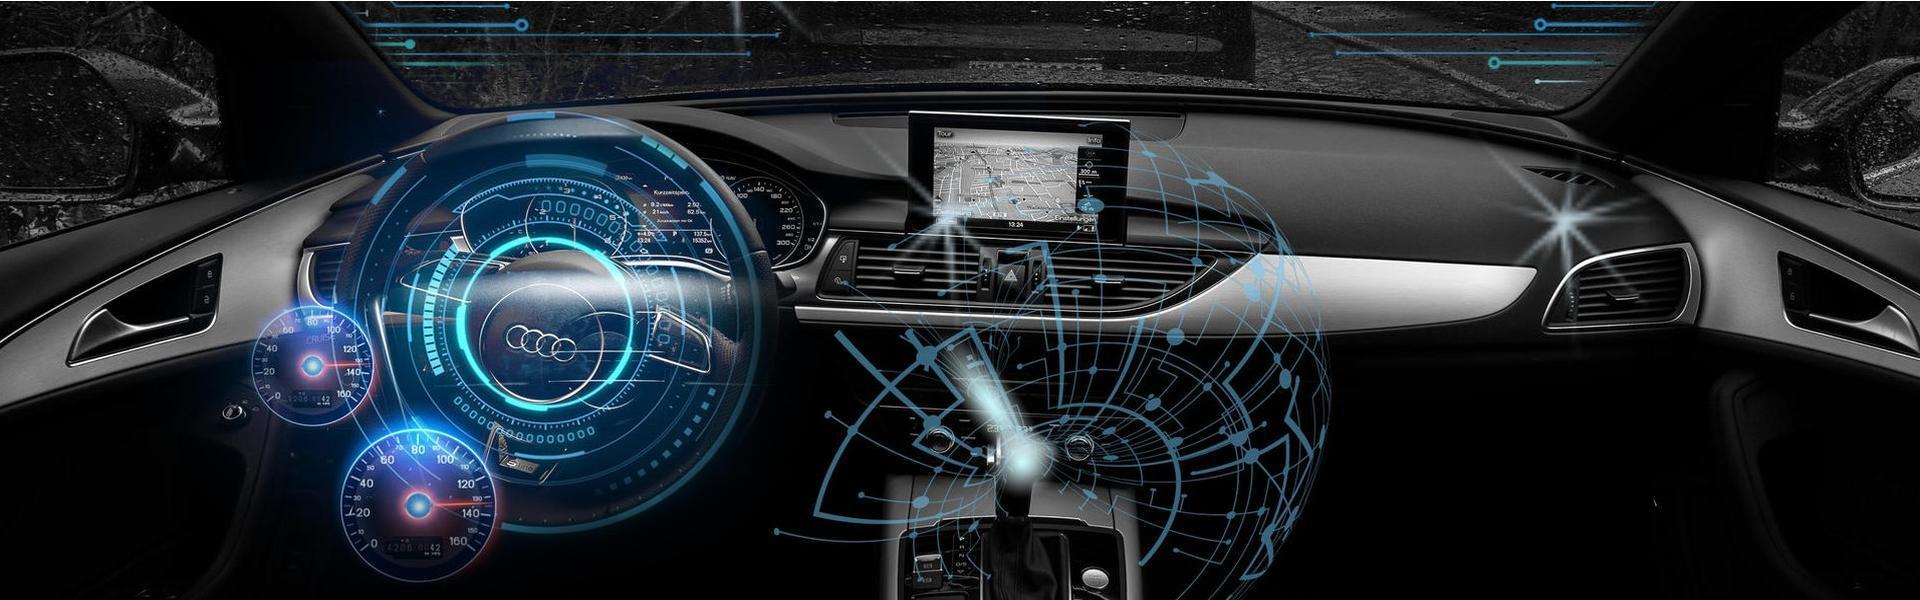 3分钟轻松完成汽车零部件高精度三维检测